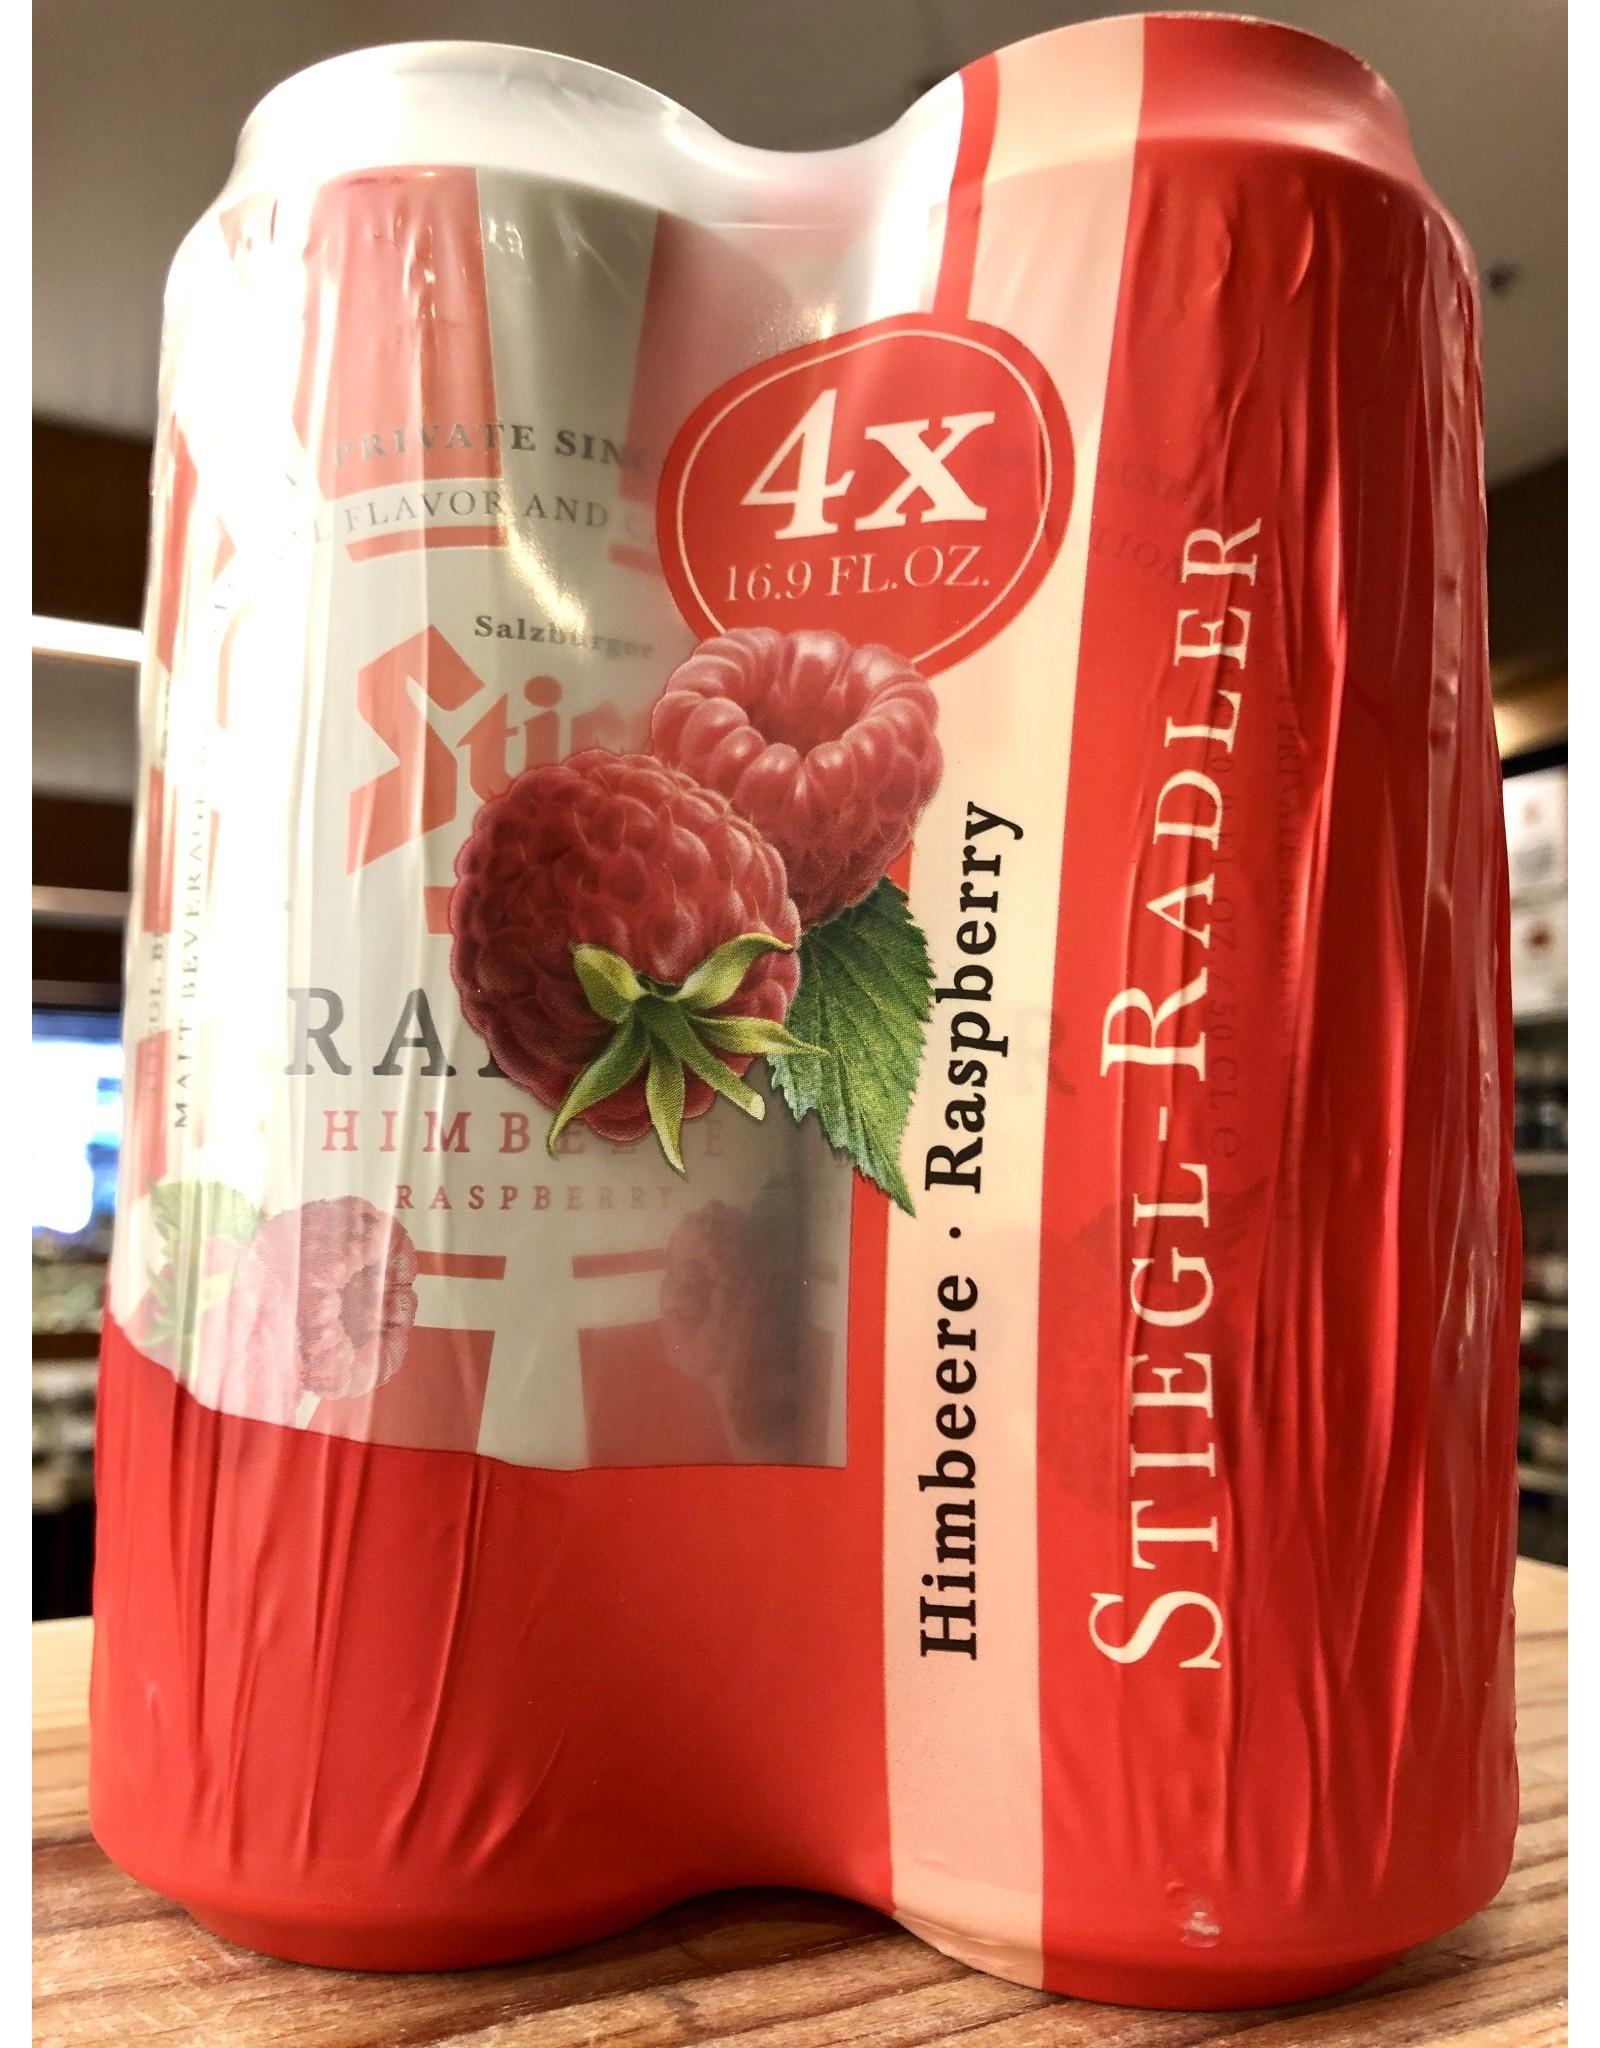 Stiegl Raspberry Radler - 4x16 oz.